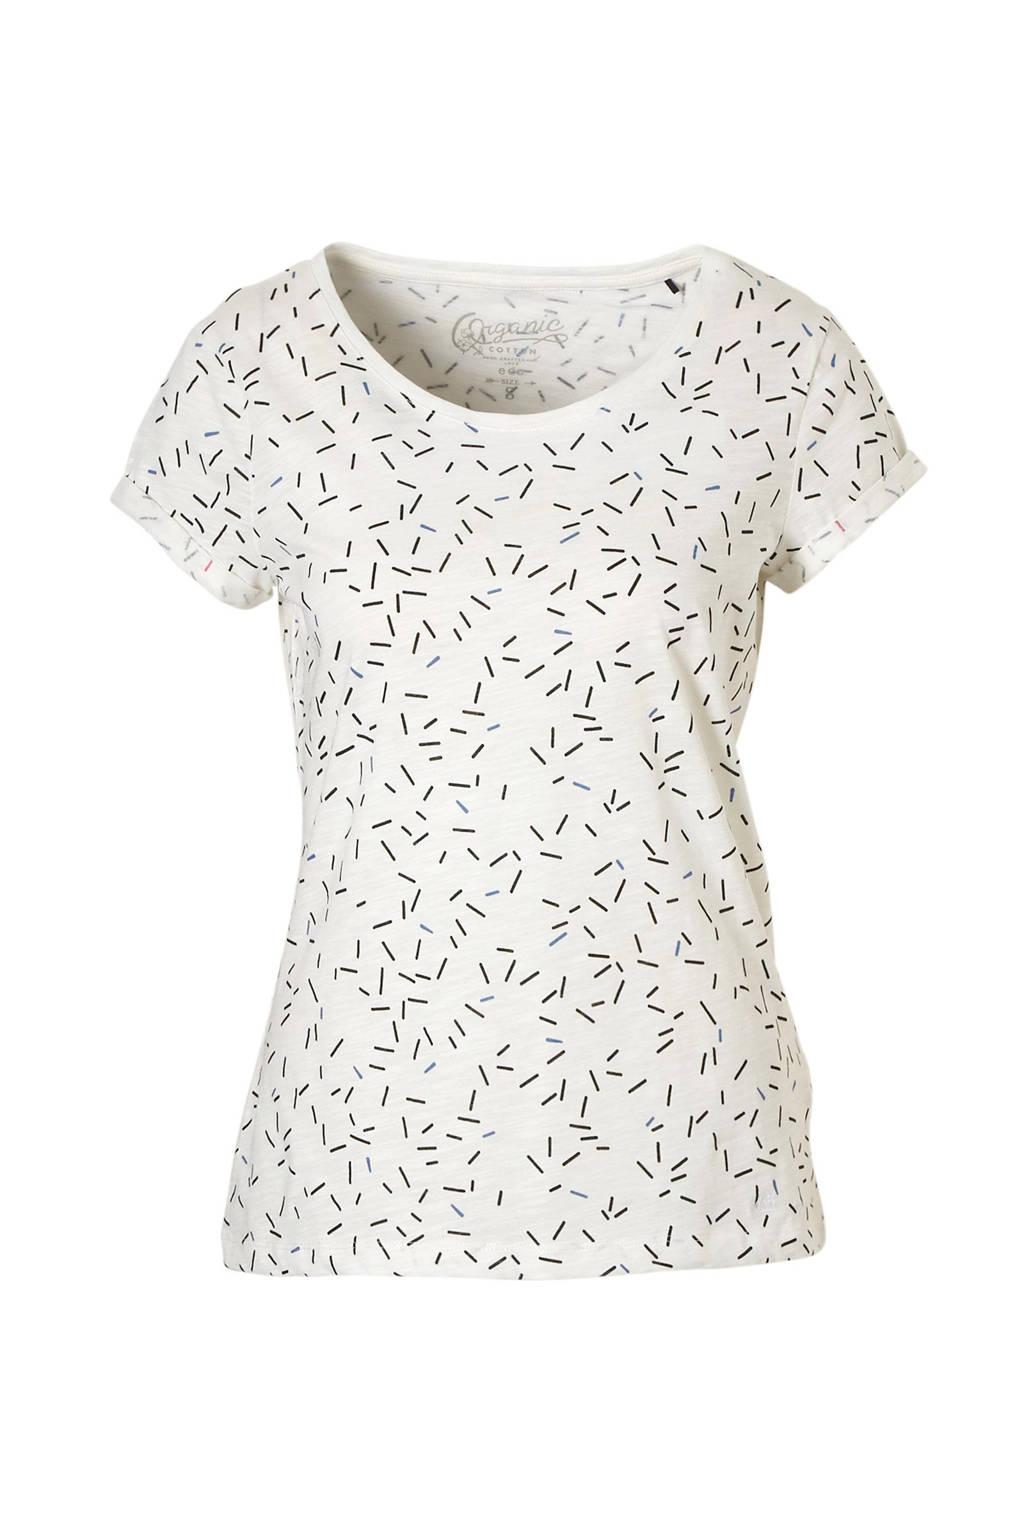 57327a10e21 ESPRIT edc Women t-shirt met all over print